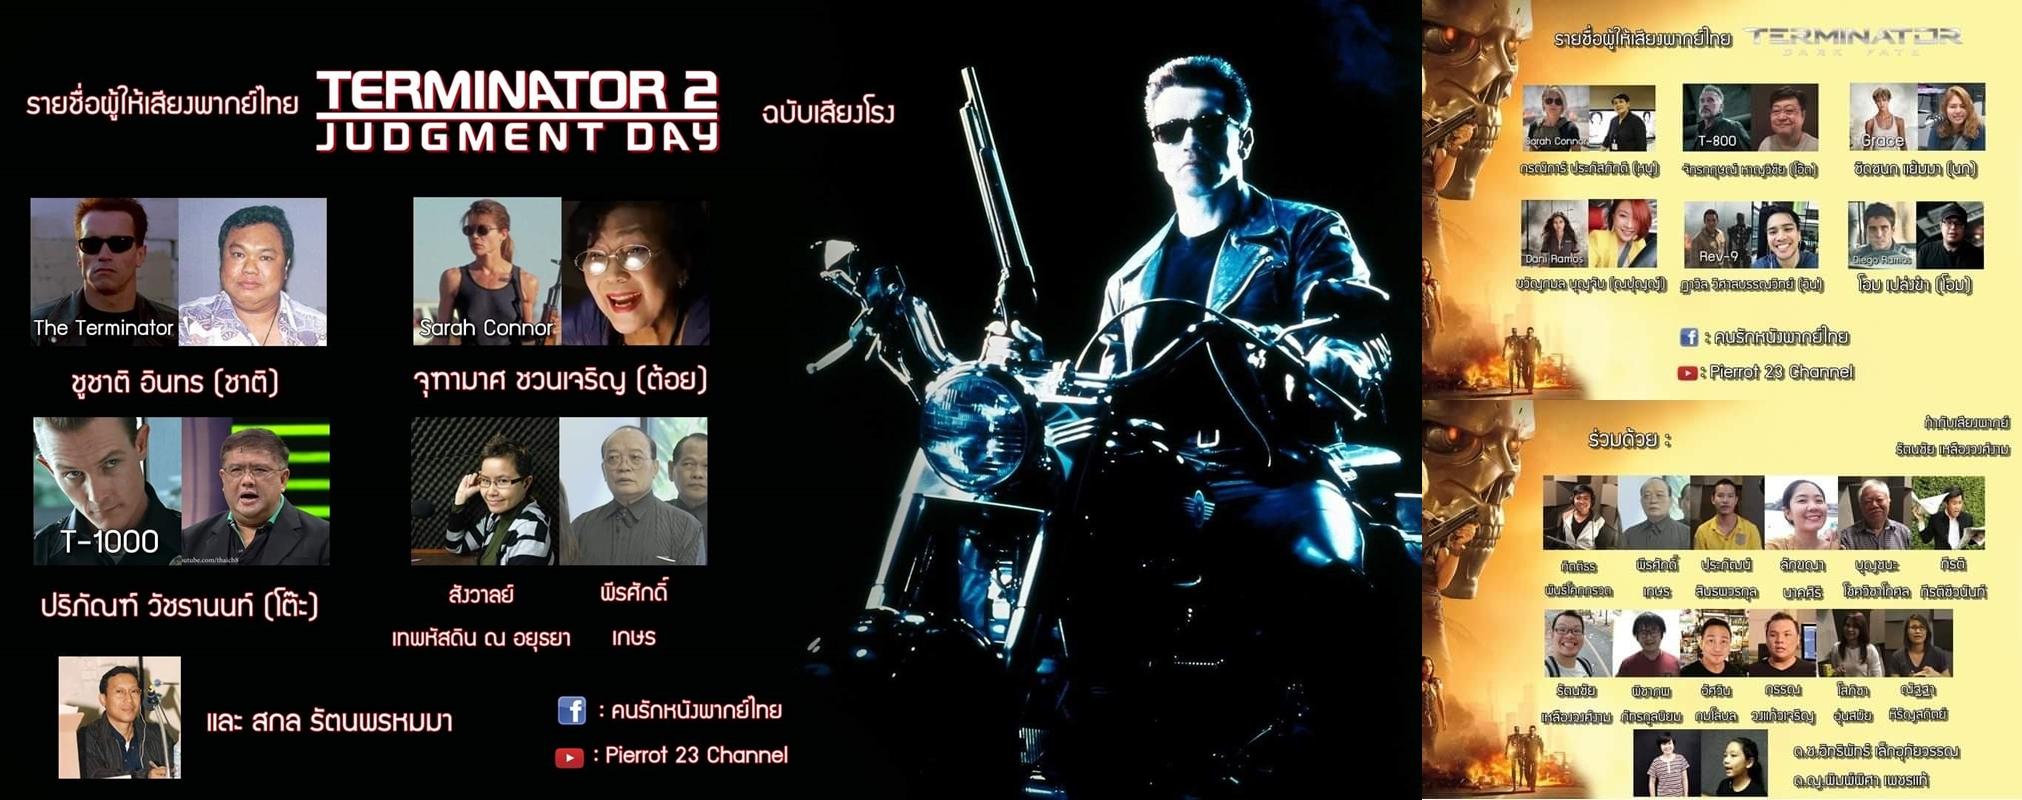 รายชื่อผู้ให้เสียงพากย์ไทย The Terminator.jpg